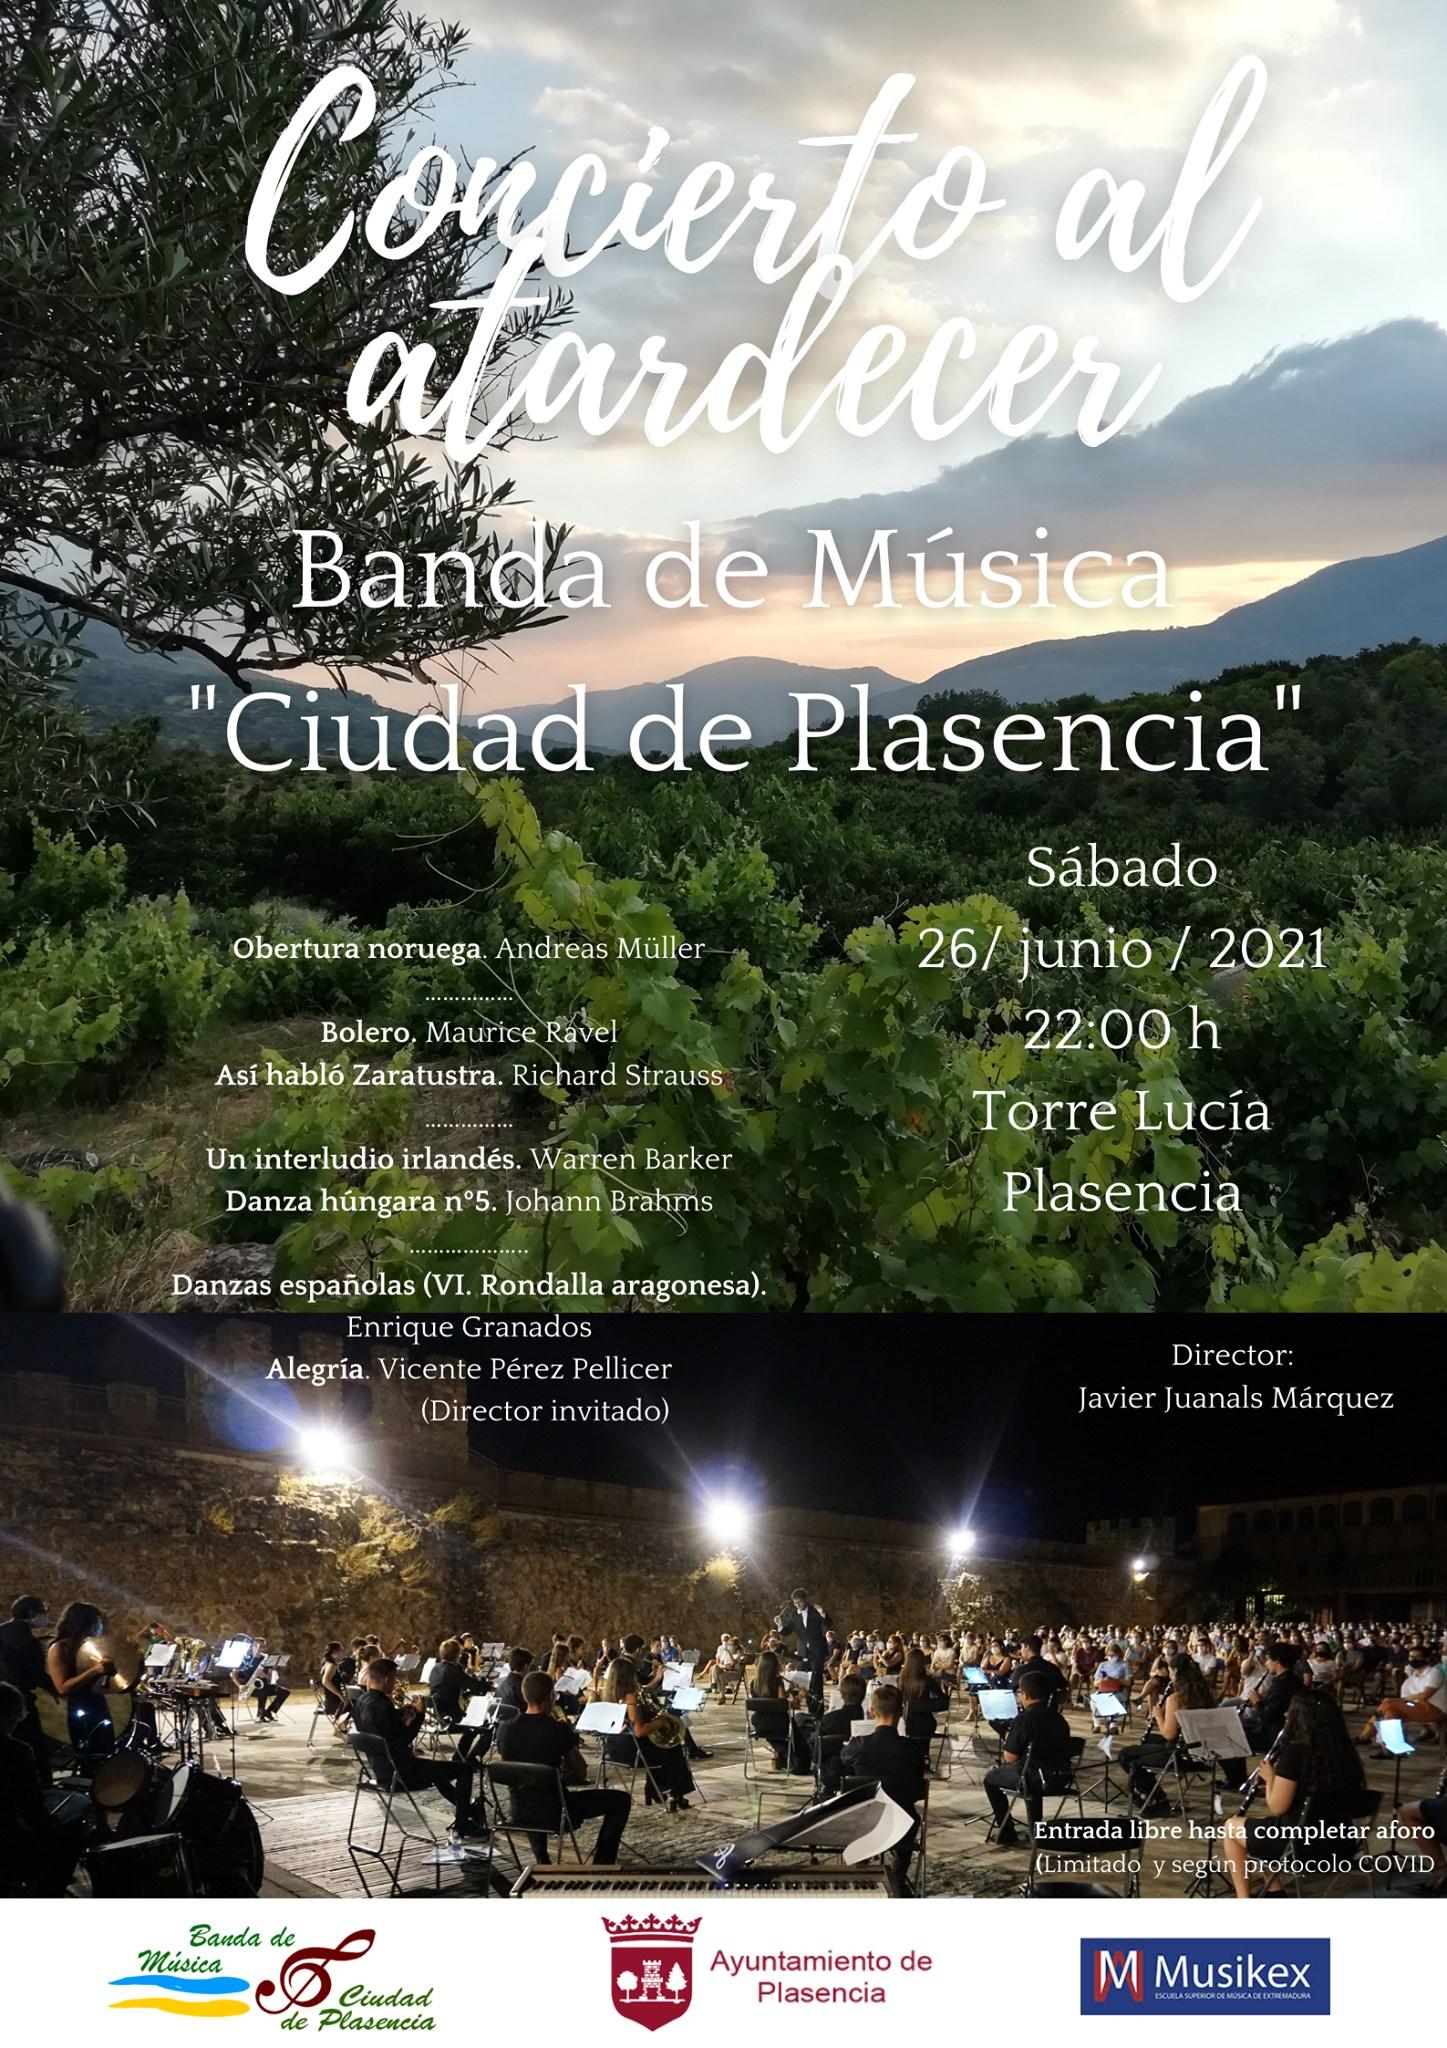 Concierto Al Atardecer - Banda de Música Ciudad de Plasencia